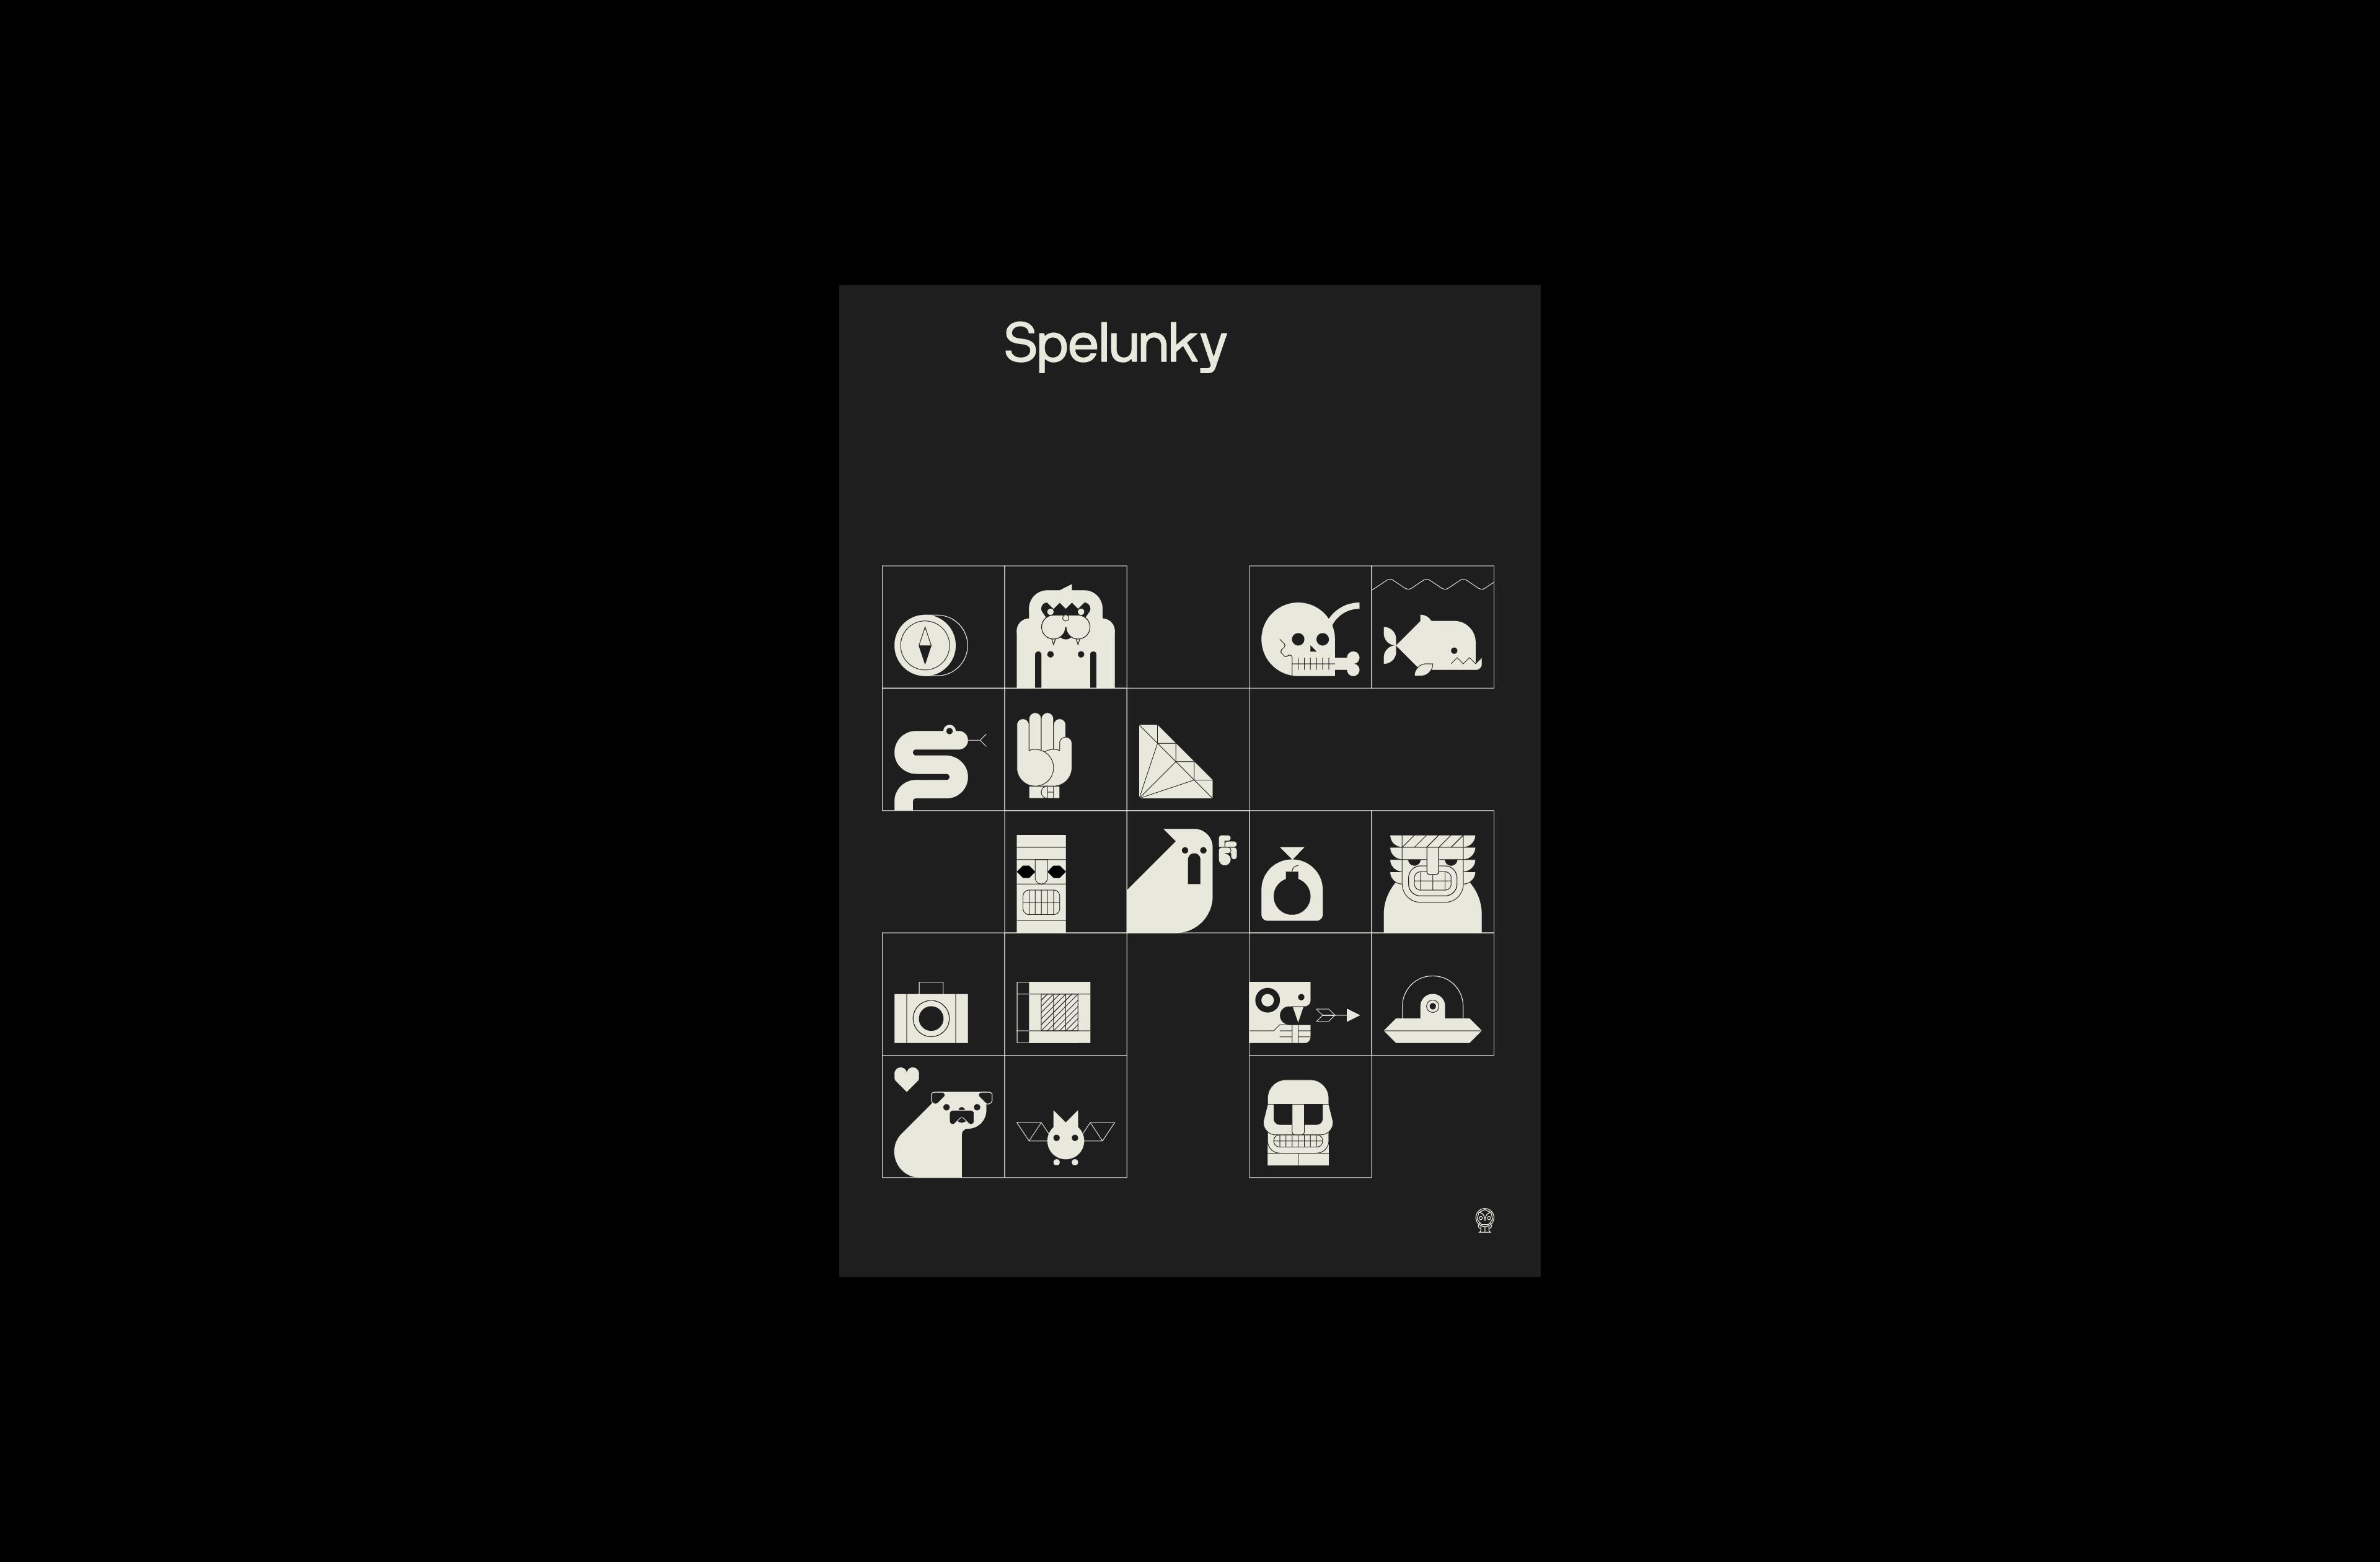 Spelunky-print-N-2x